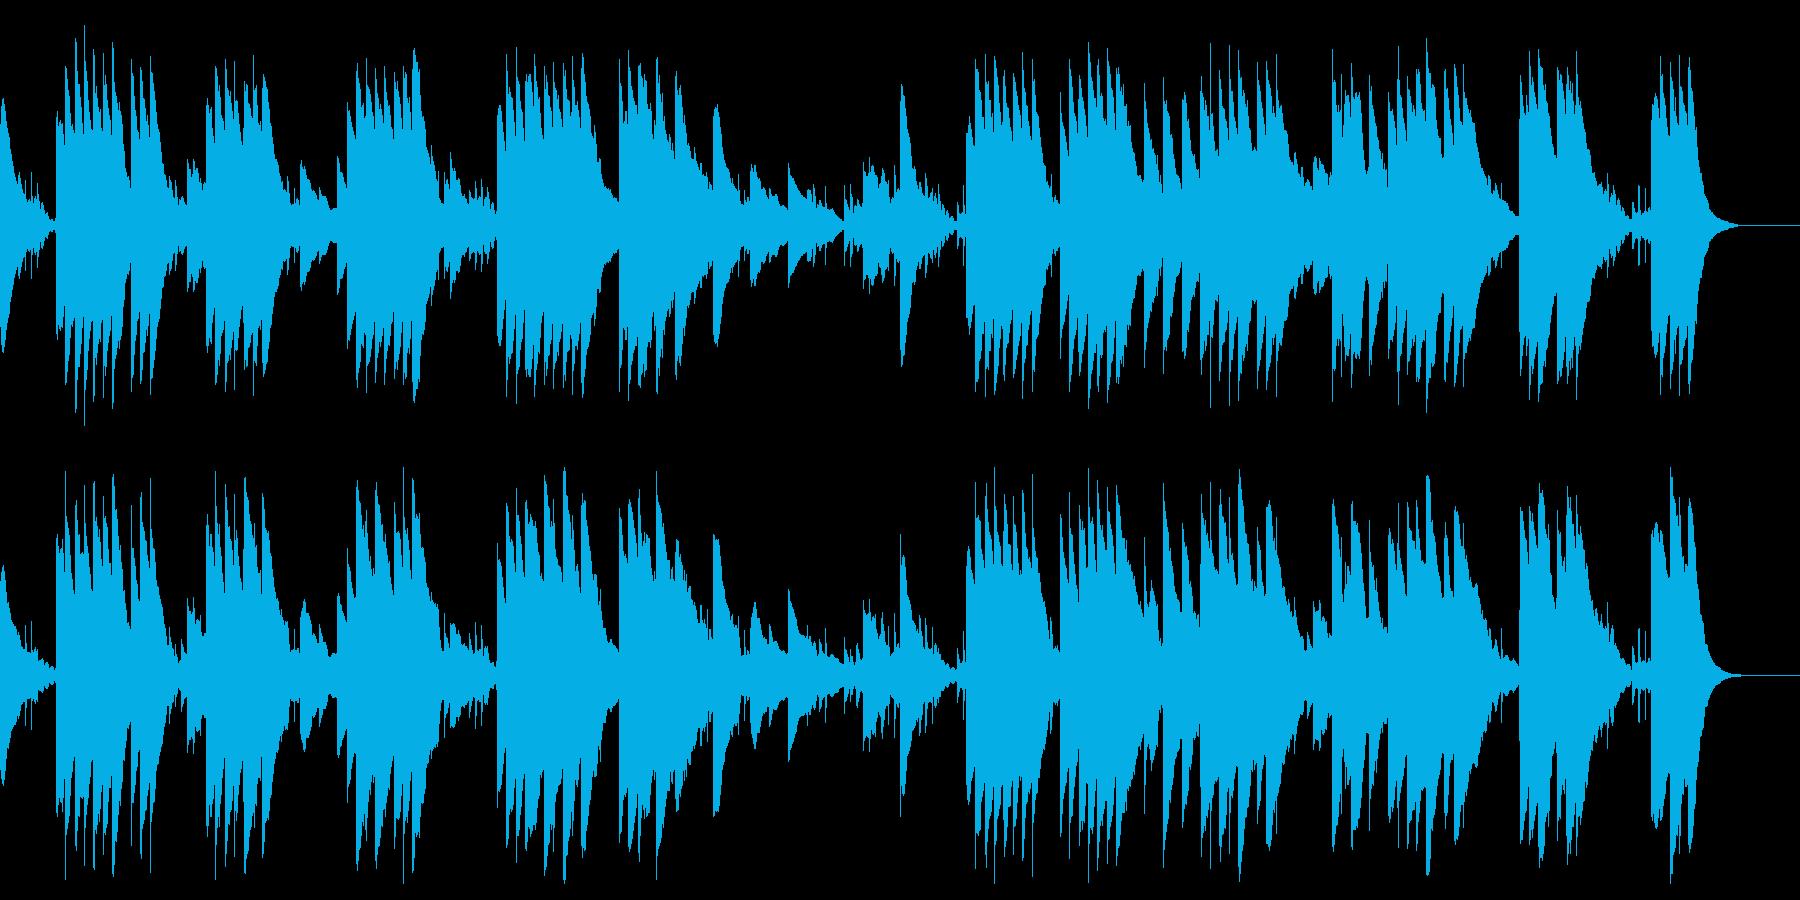 ボレロのオルゴールアレンジの再生済みの波形